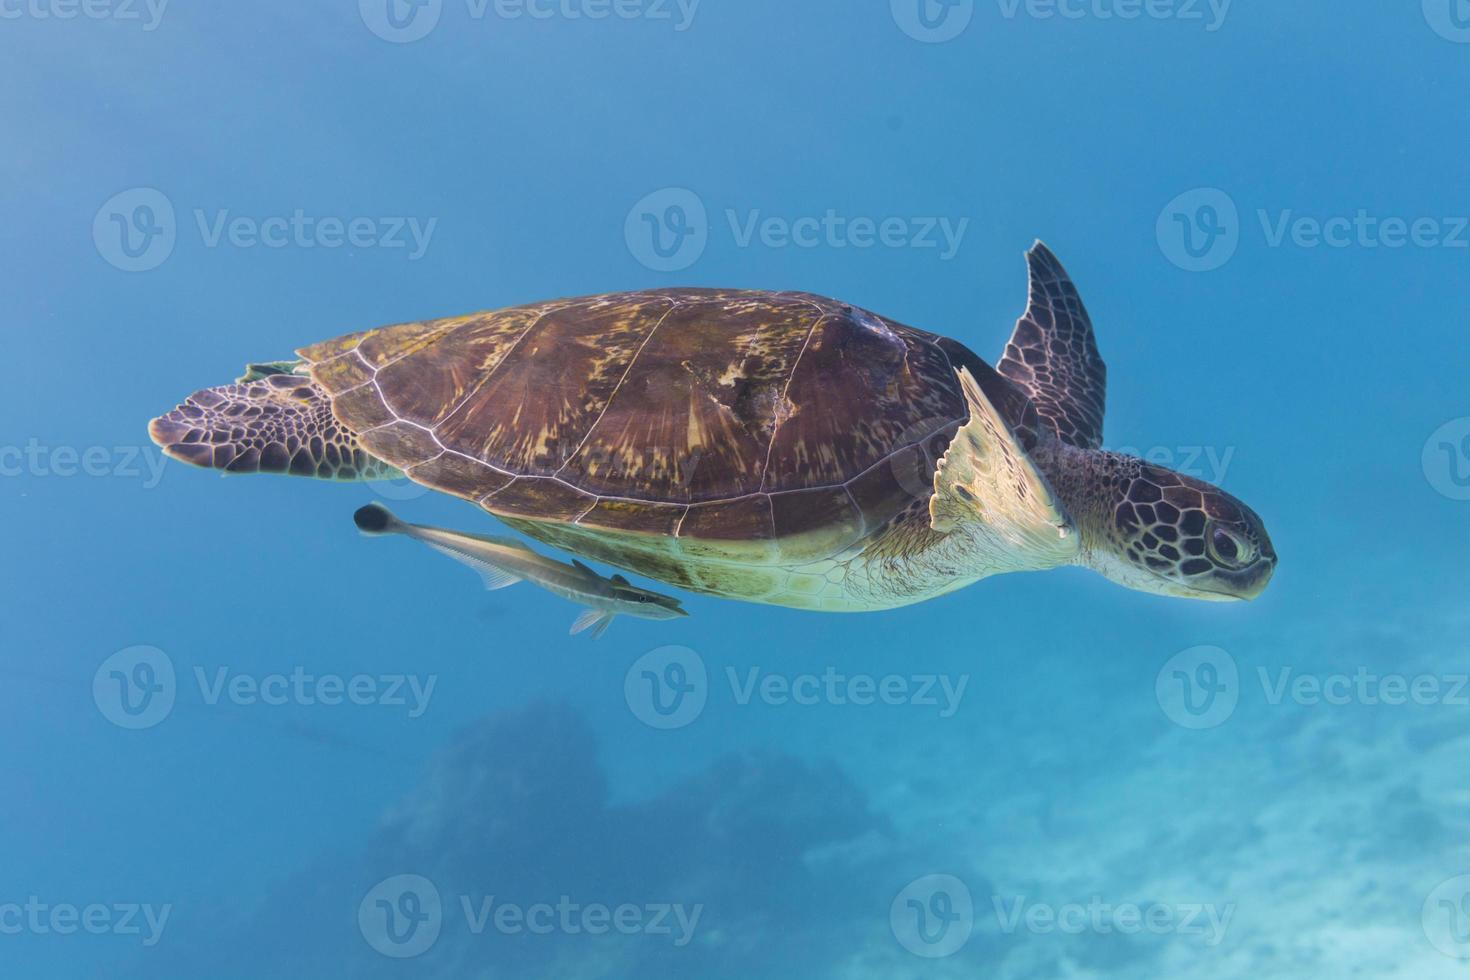 tartaruga verde (chelonia mydas) na ilha similan, tailândia foto